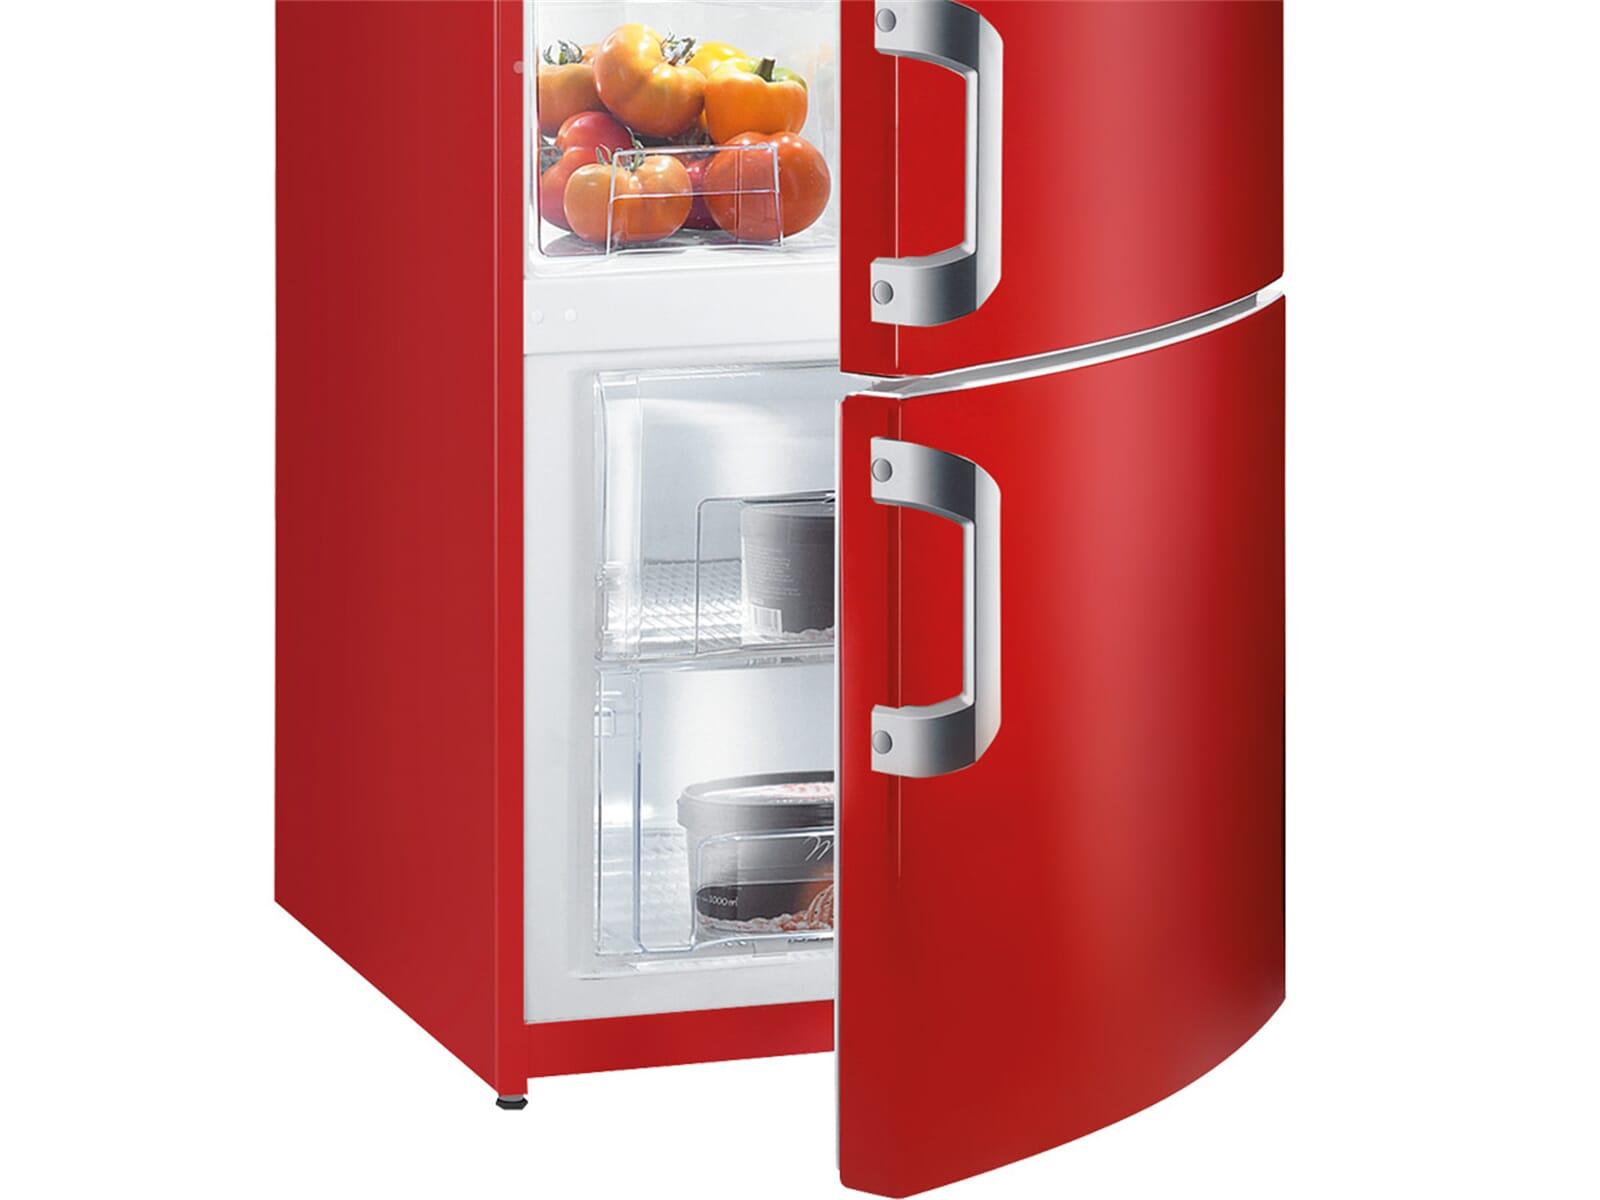 Gorenje Kühlschrank Braun : Gorenje kühlschrank gefrierkombination gorenje rk or l